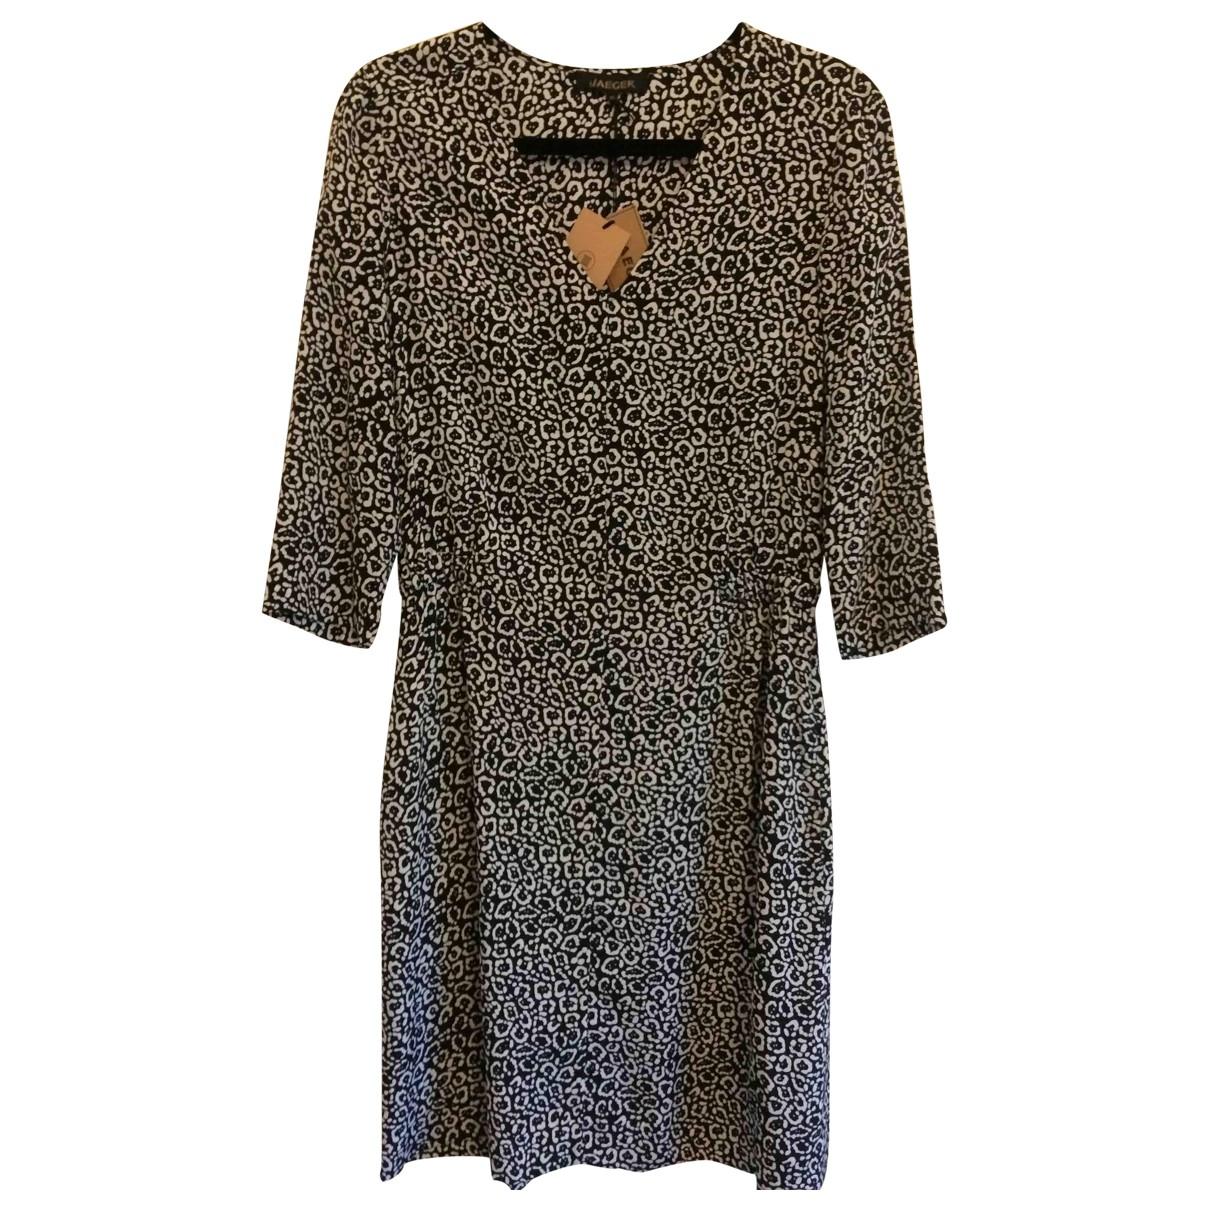 Jaeger \N Black Silk dress for Women 10 UK